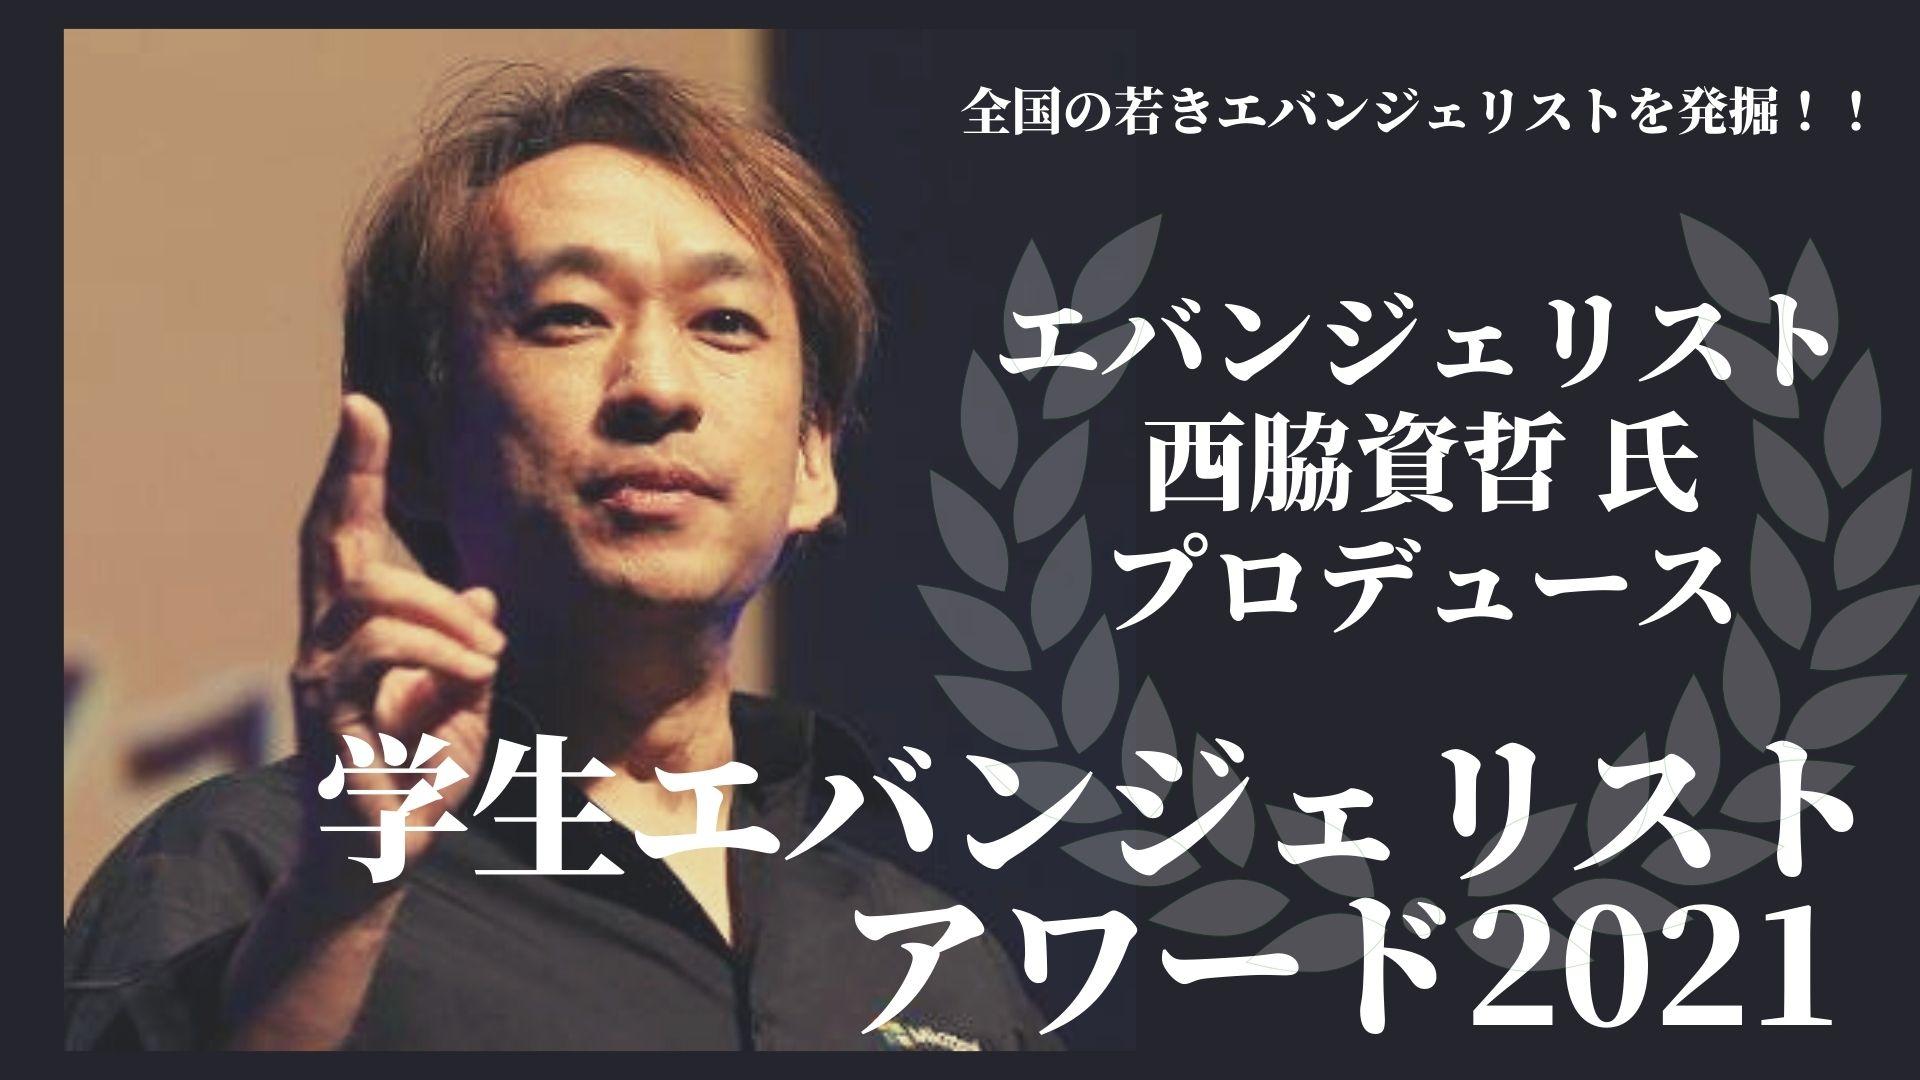 エバンジェリスト 西脇資哲氏 (マイクロソフト社)プロデュース「学生エバンジェリストアワード」開催中!!